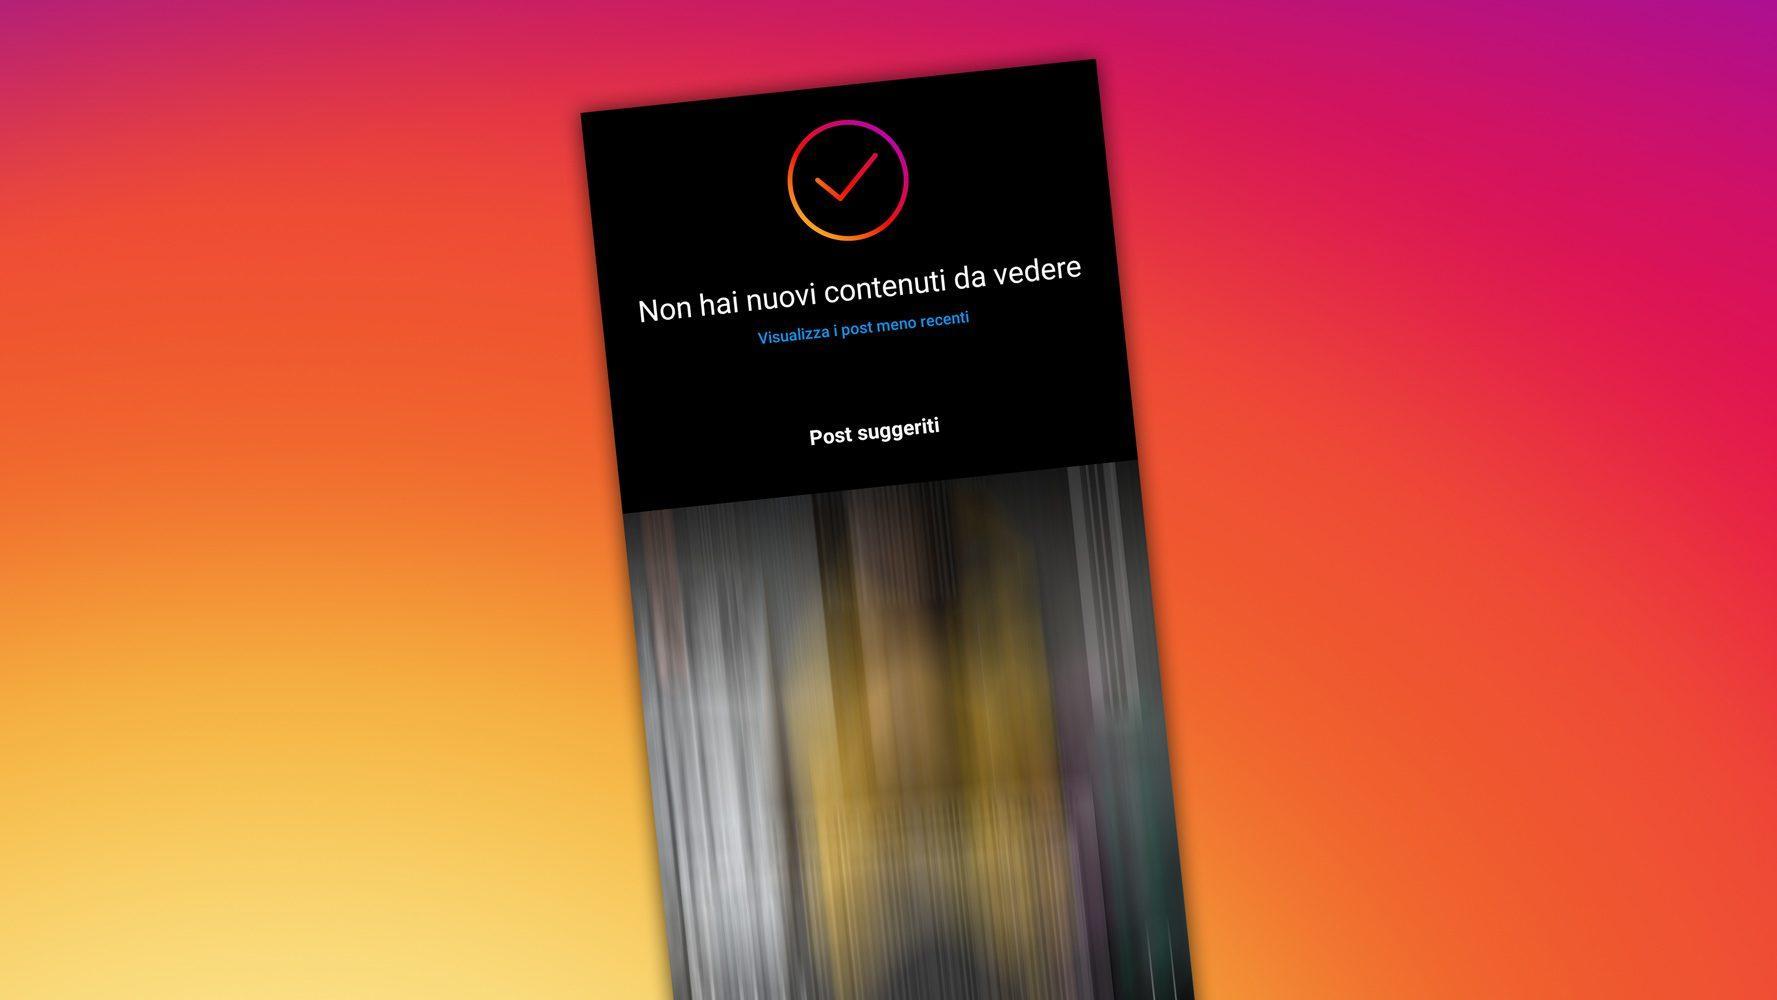 Les Publications Suggérées Arrivent Sur Instagram, Pour Vous Faire Rester